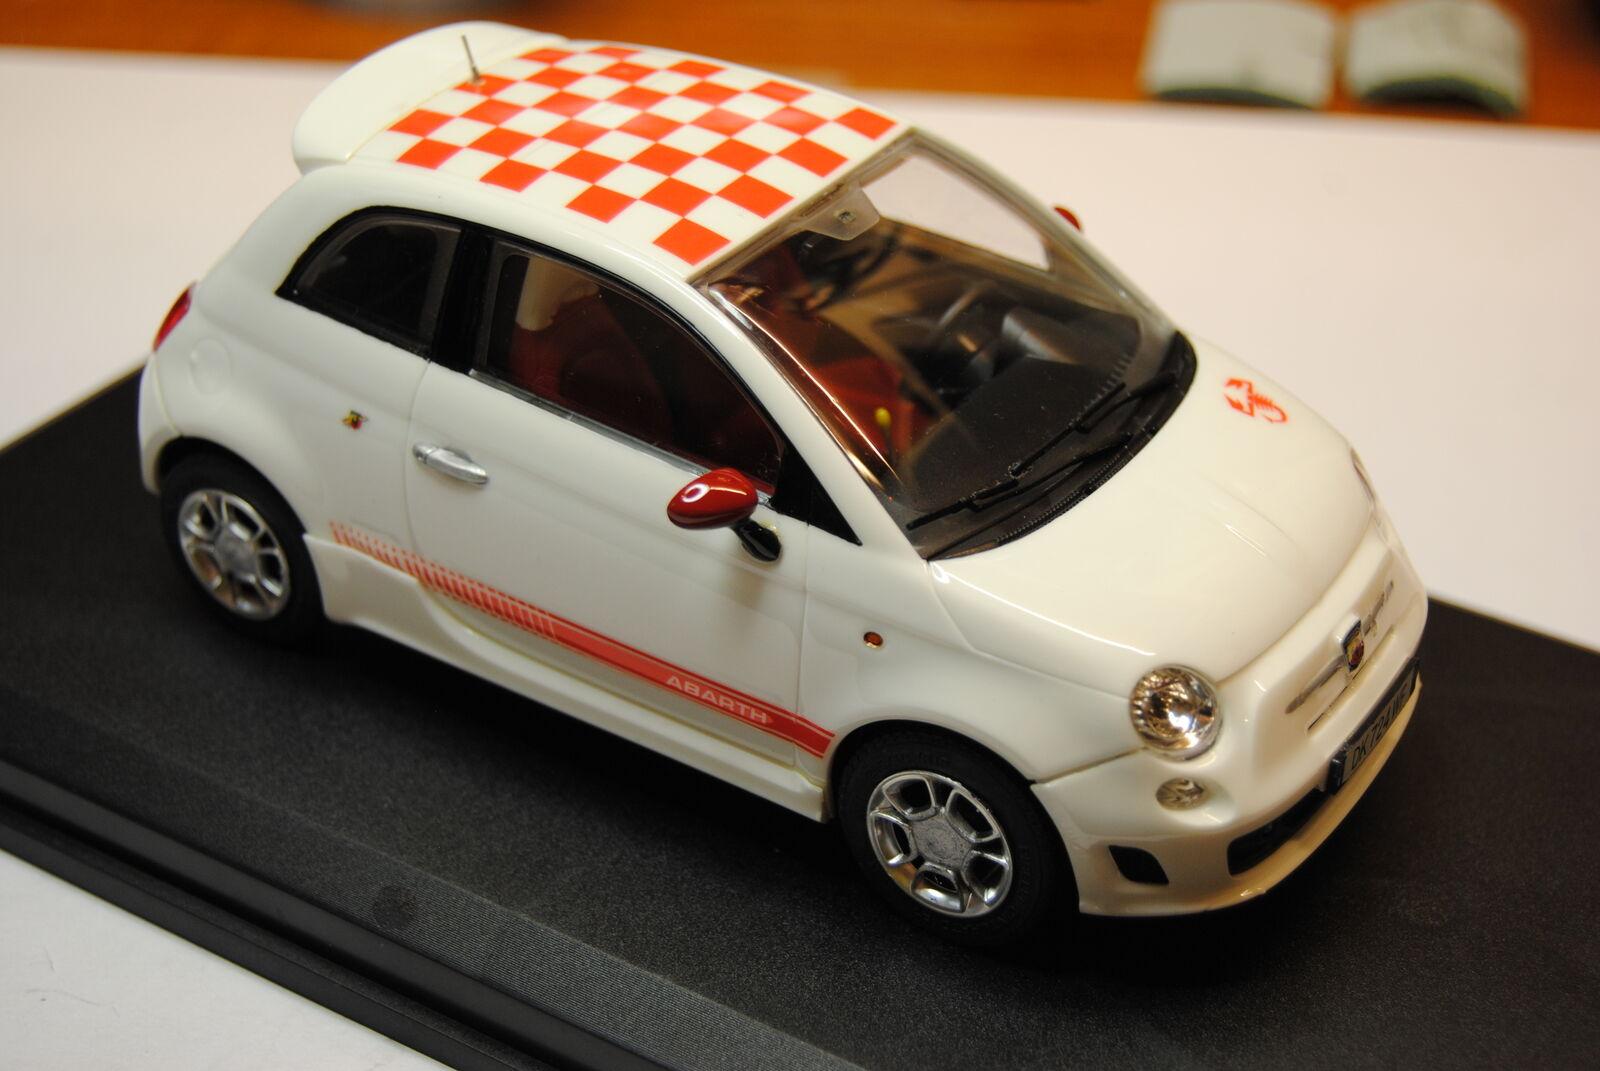 Fiat 500 abarth scala 1 24 - Fujimi built - (NO Tamiya - Hasegawa Revell)